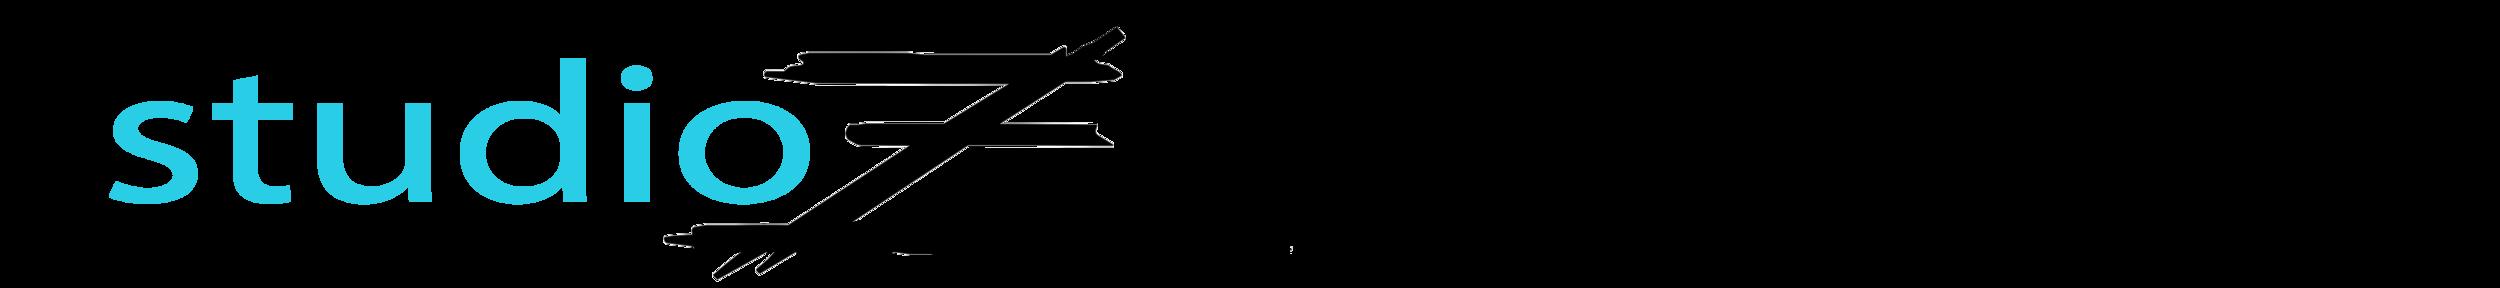 studioz_logo